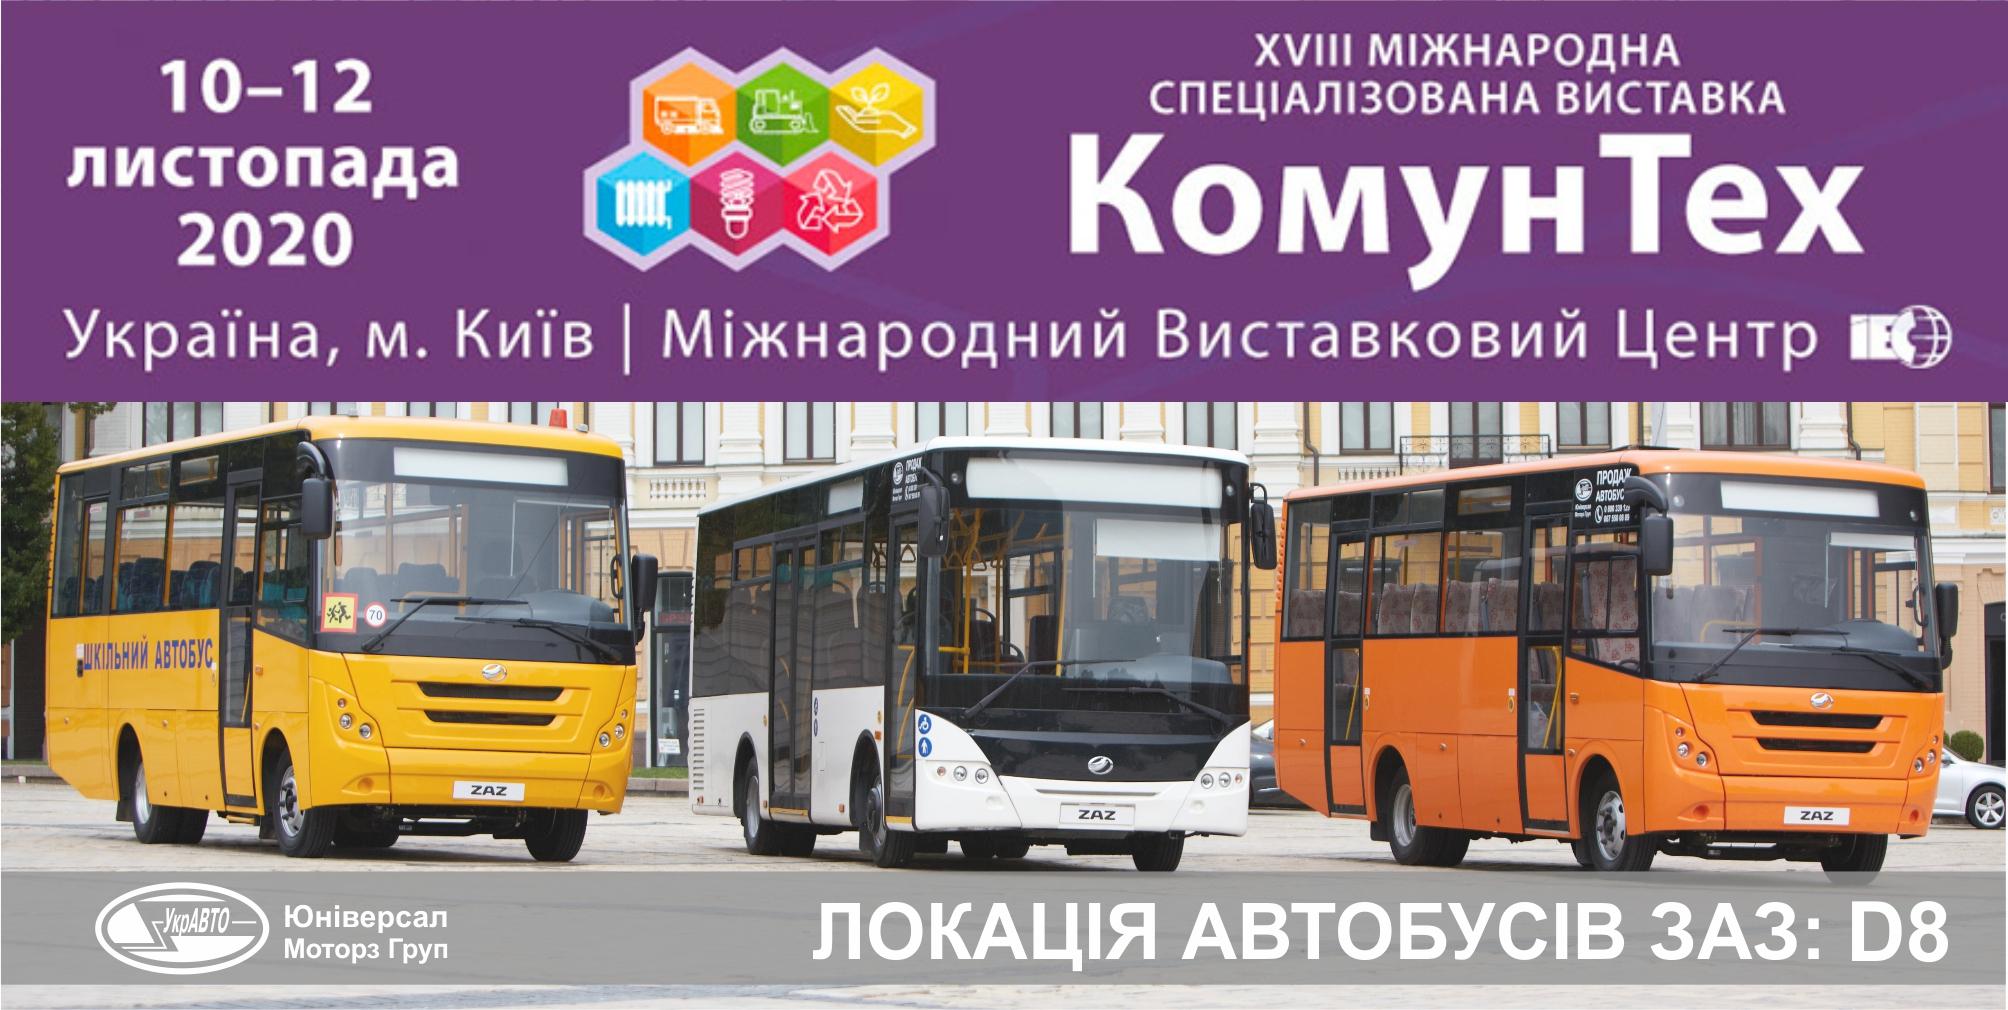 Запрошуємо на міжнародну виставку КОМУНТЕХ-2020 у Києві